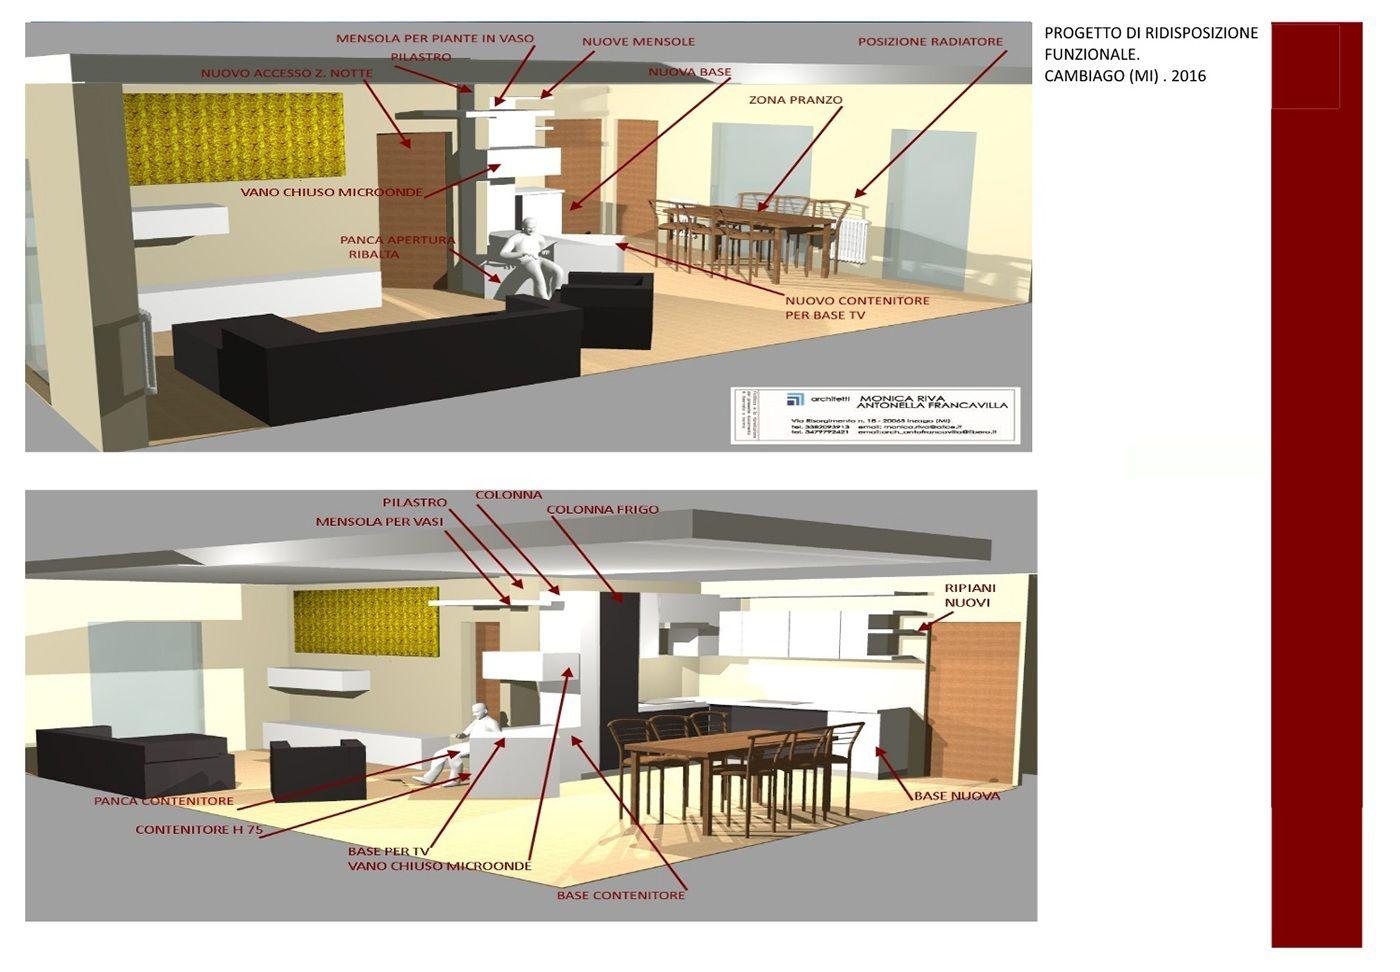 Vedi il mio progetto @Behance: \u201cProgetto ristrutturazione appartamento Cambiago\u201d https://www.behance.net/gallery/48402971/Progetto-ristrutturazione-appartamento-Cambiago